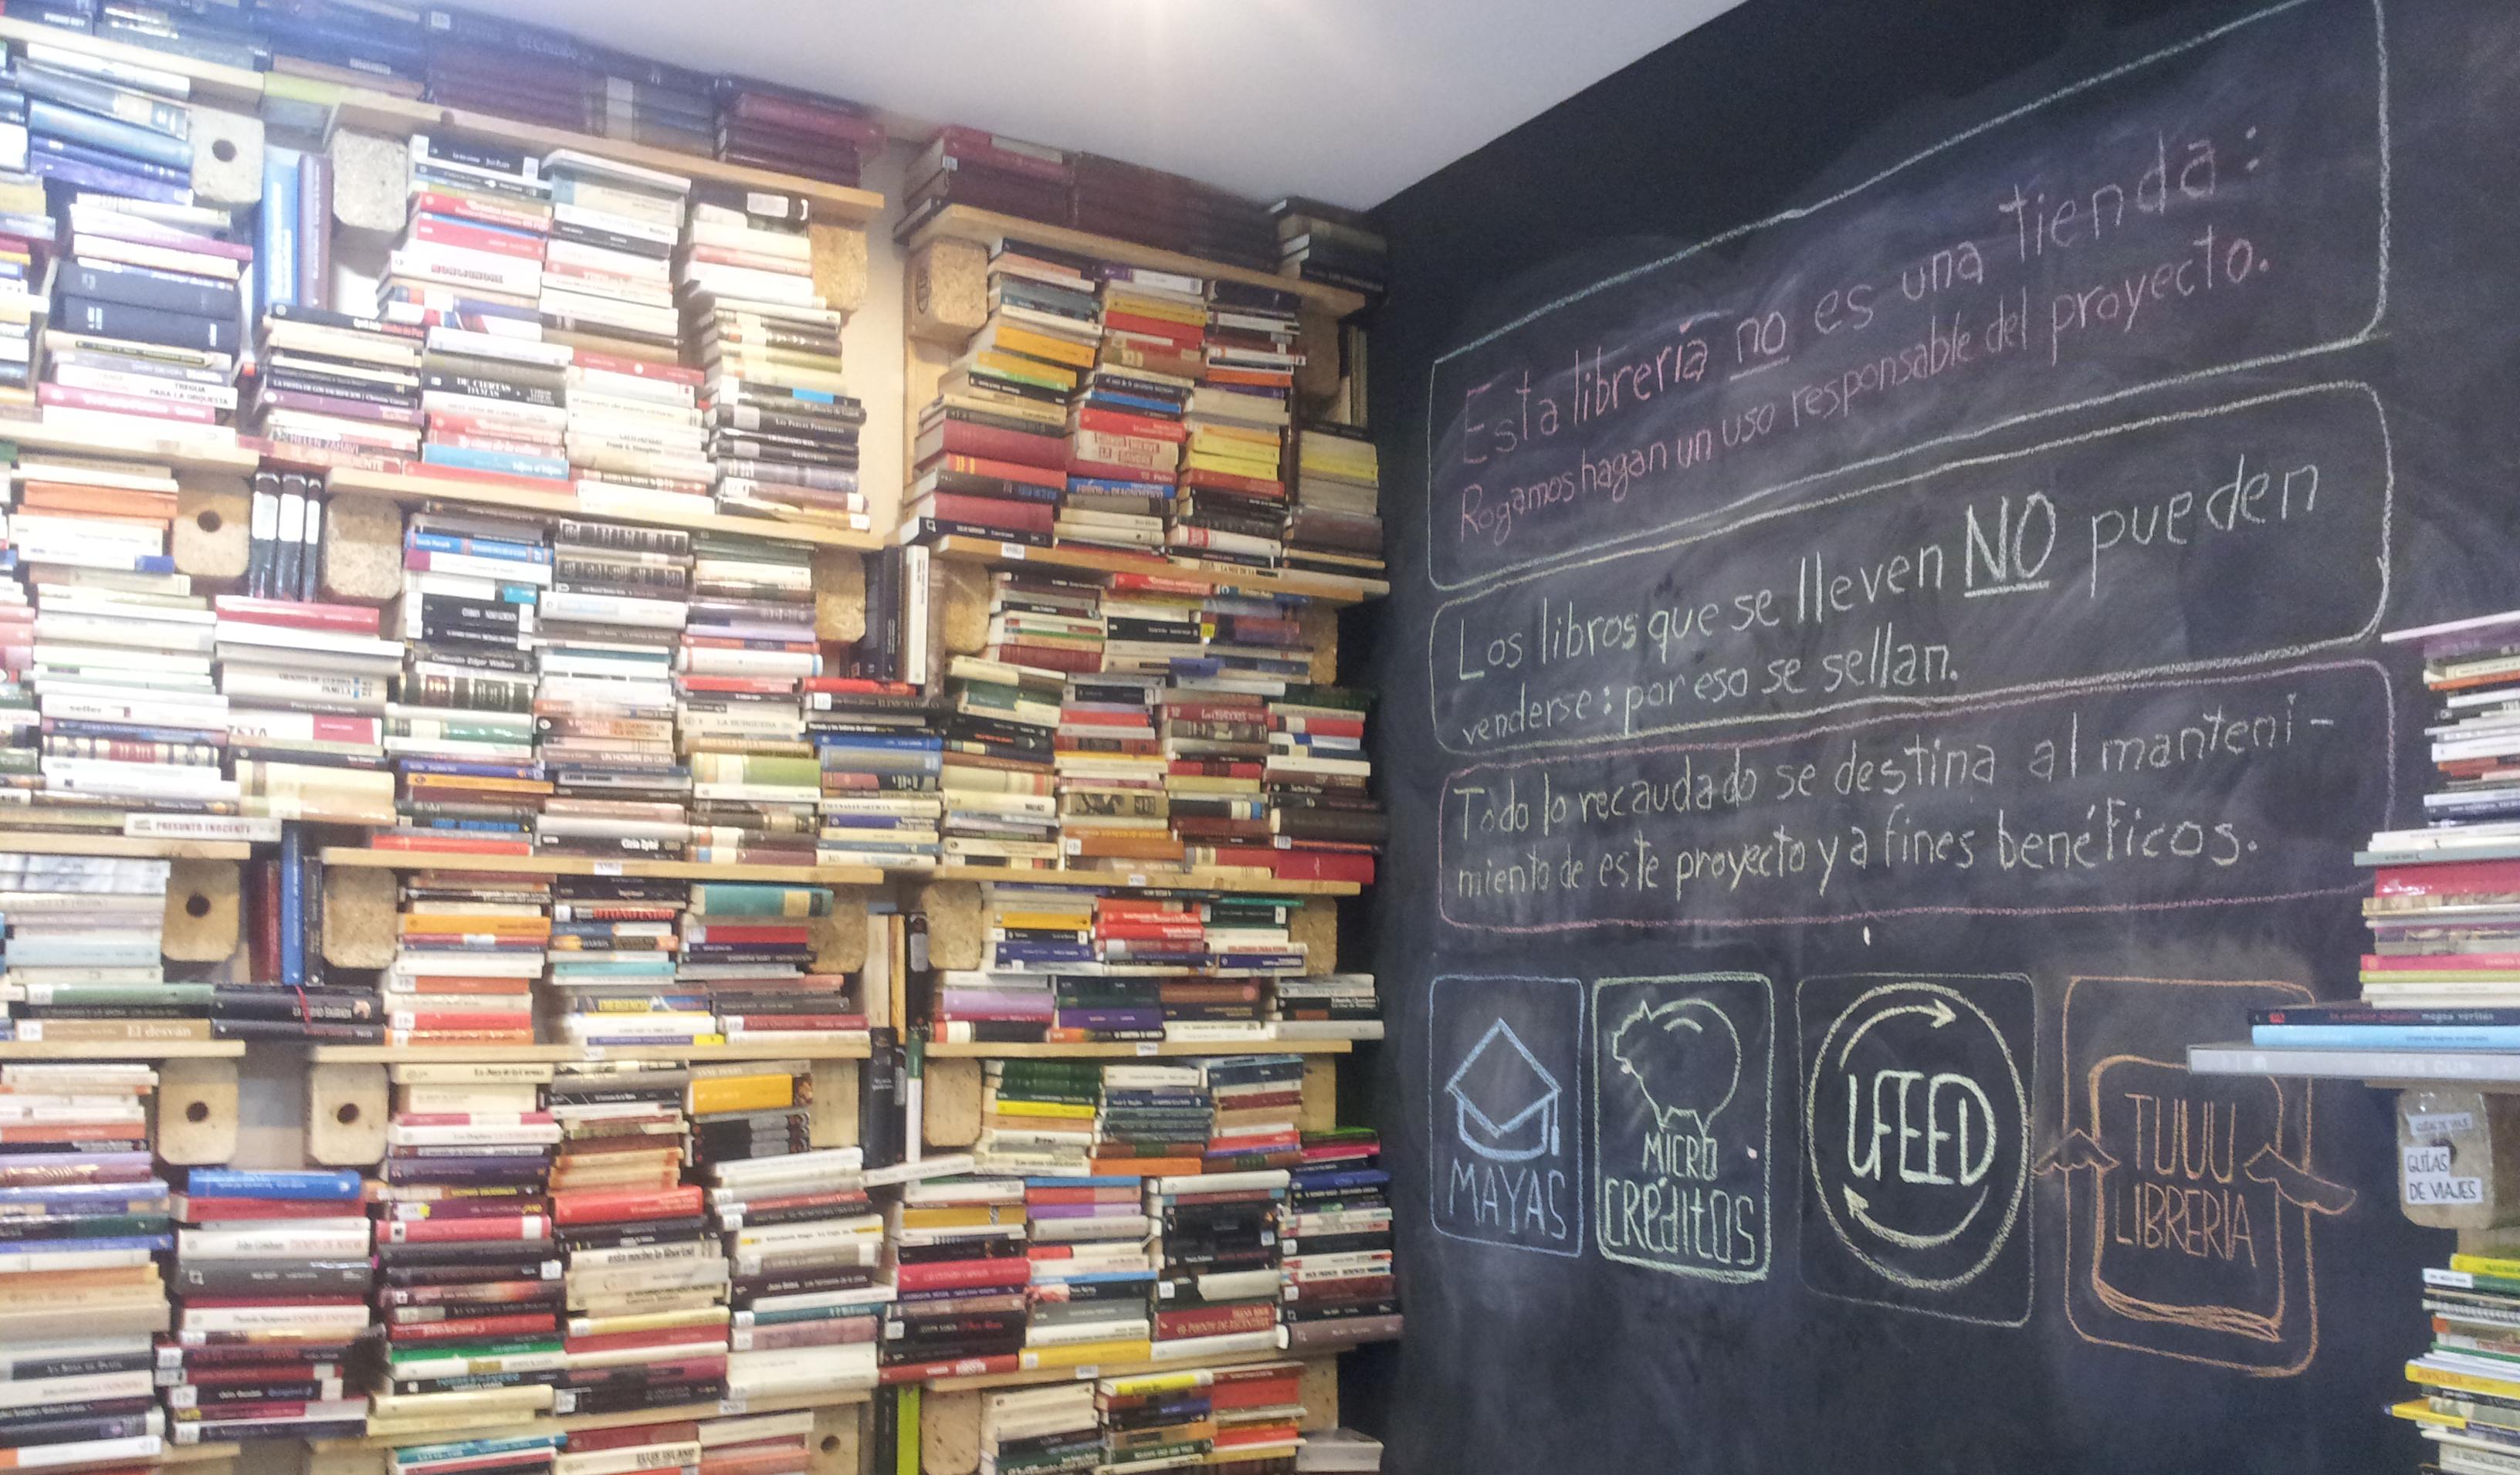 Tuuu-librería